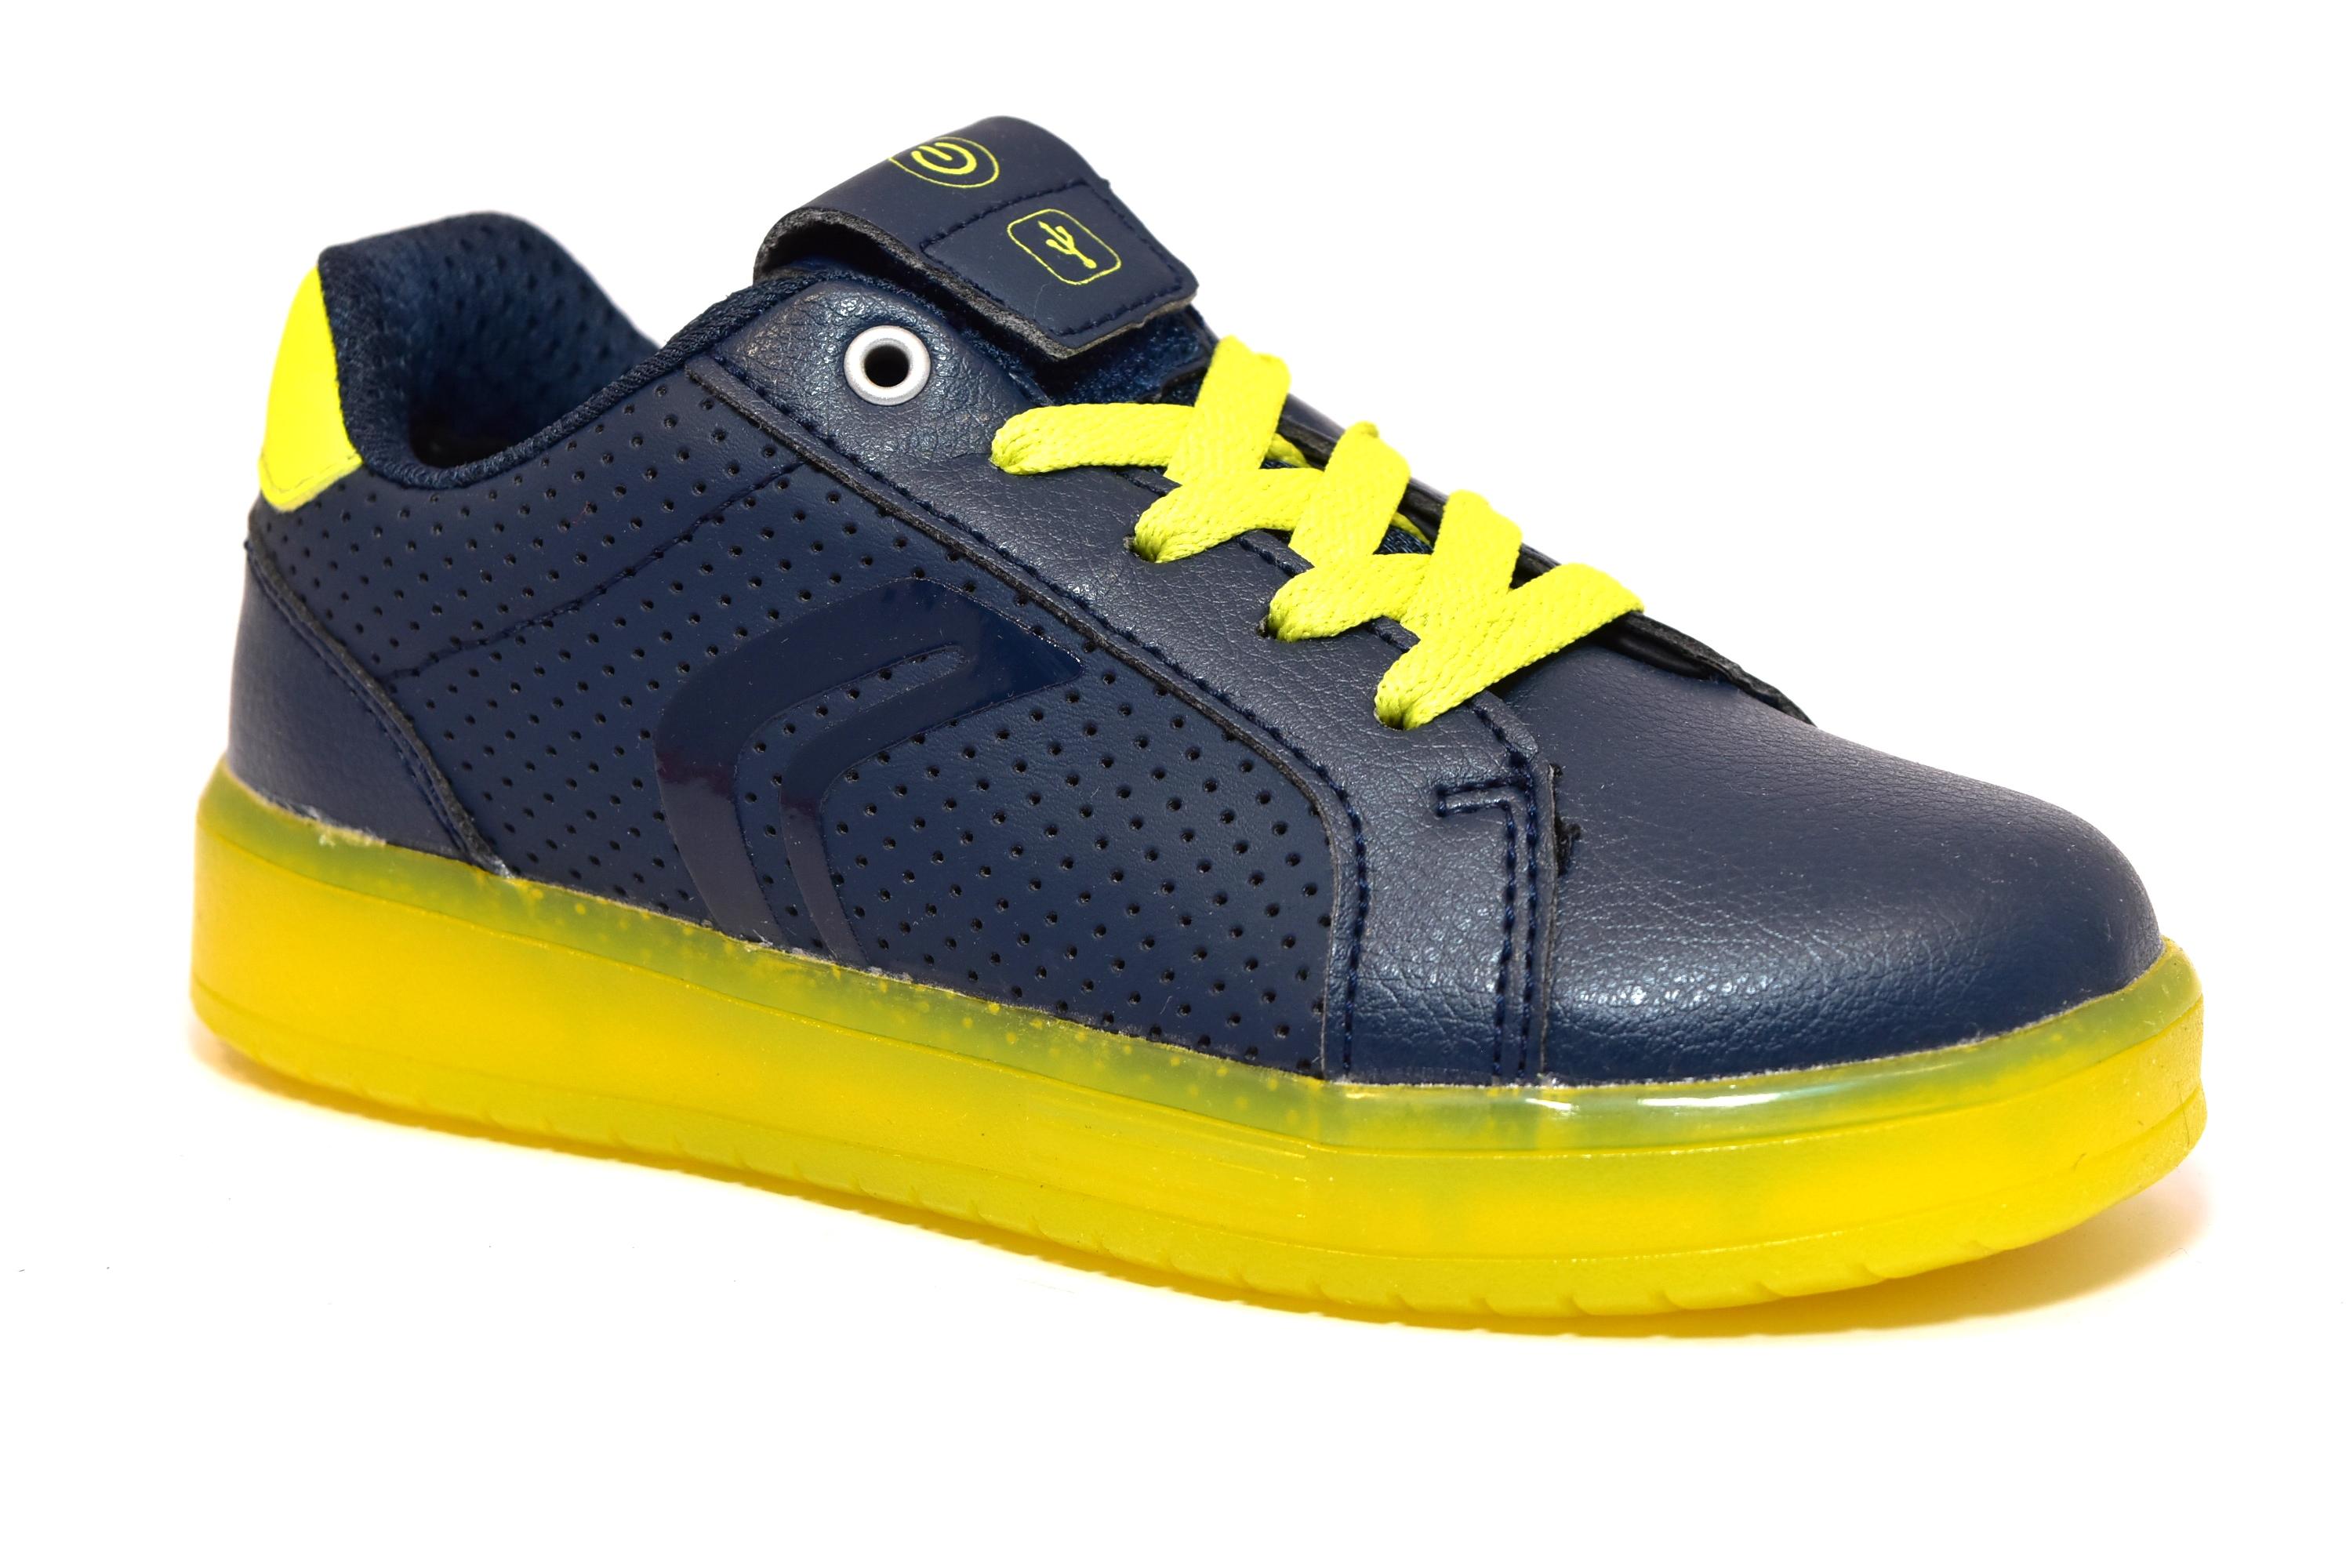 170f9bf2bff6f GEOX J745PB 0BCBU C0749 BLU scarpe sneakers luci bambino ...